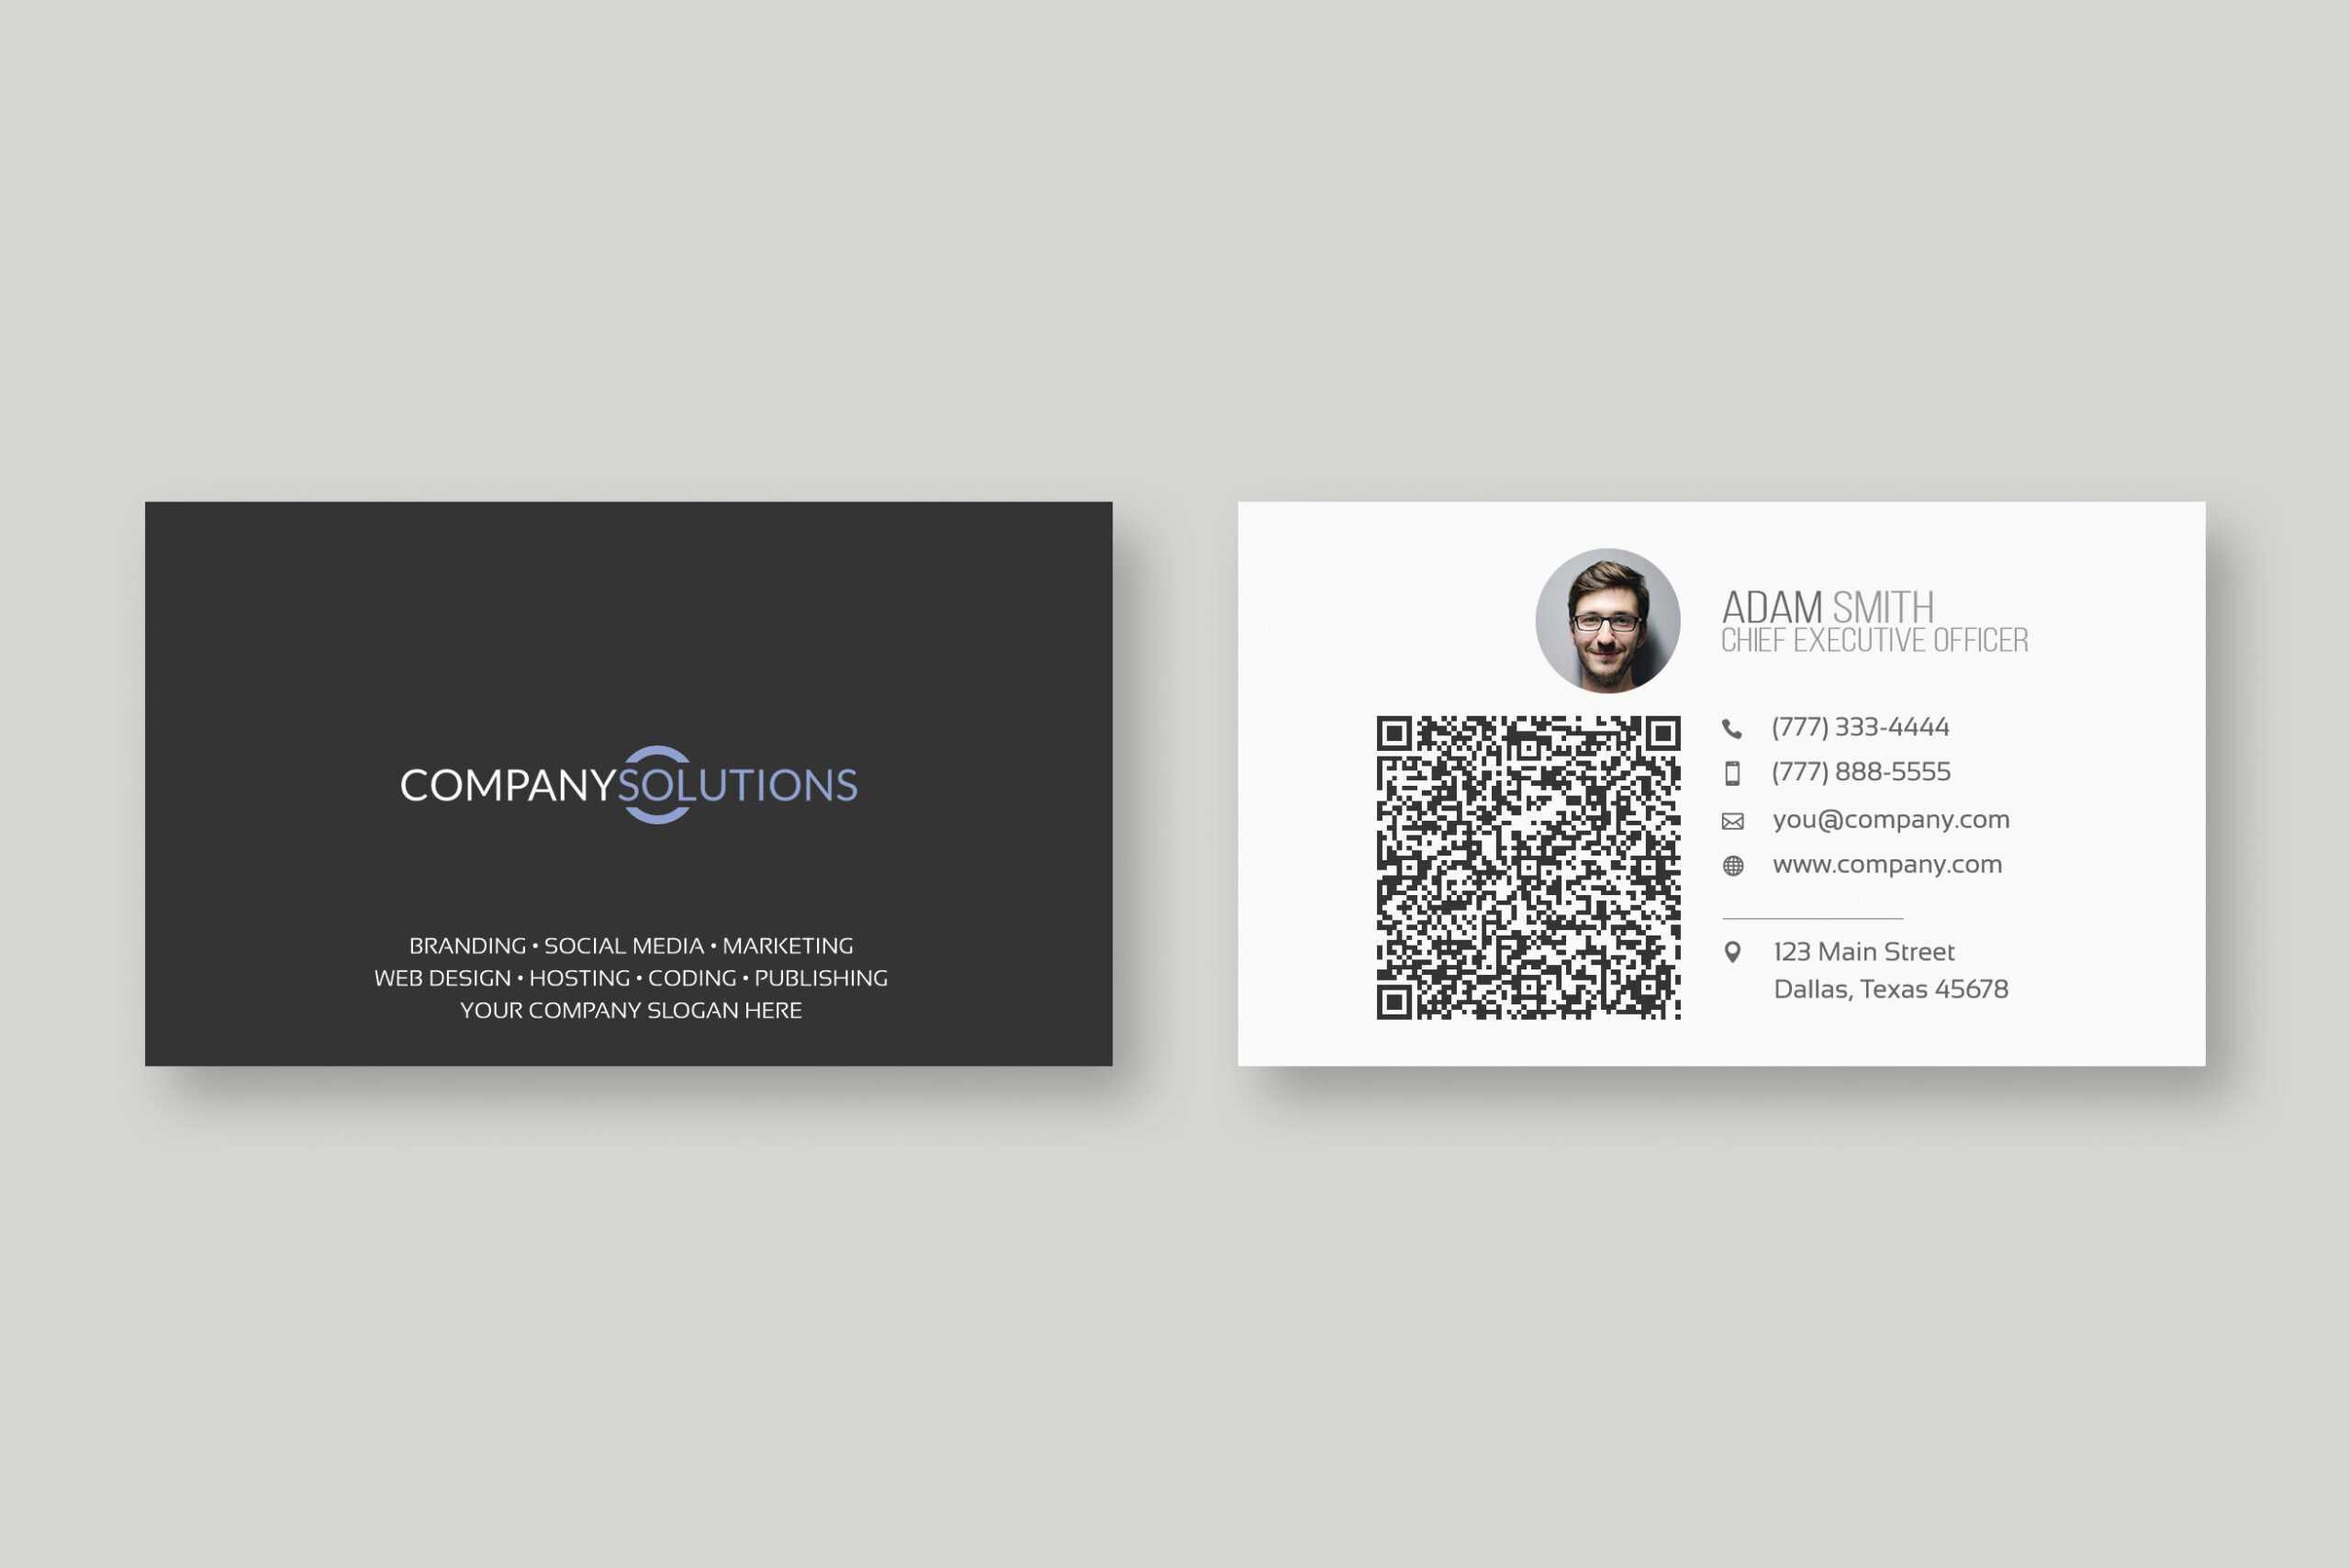 Modern Qr Code Business Card Template In Qr Code Business Card Template